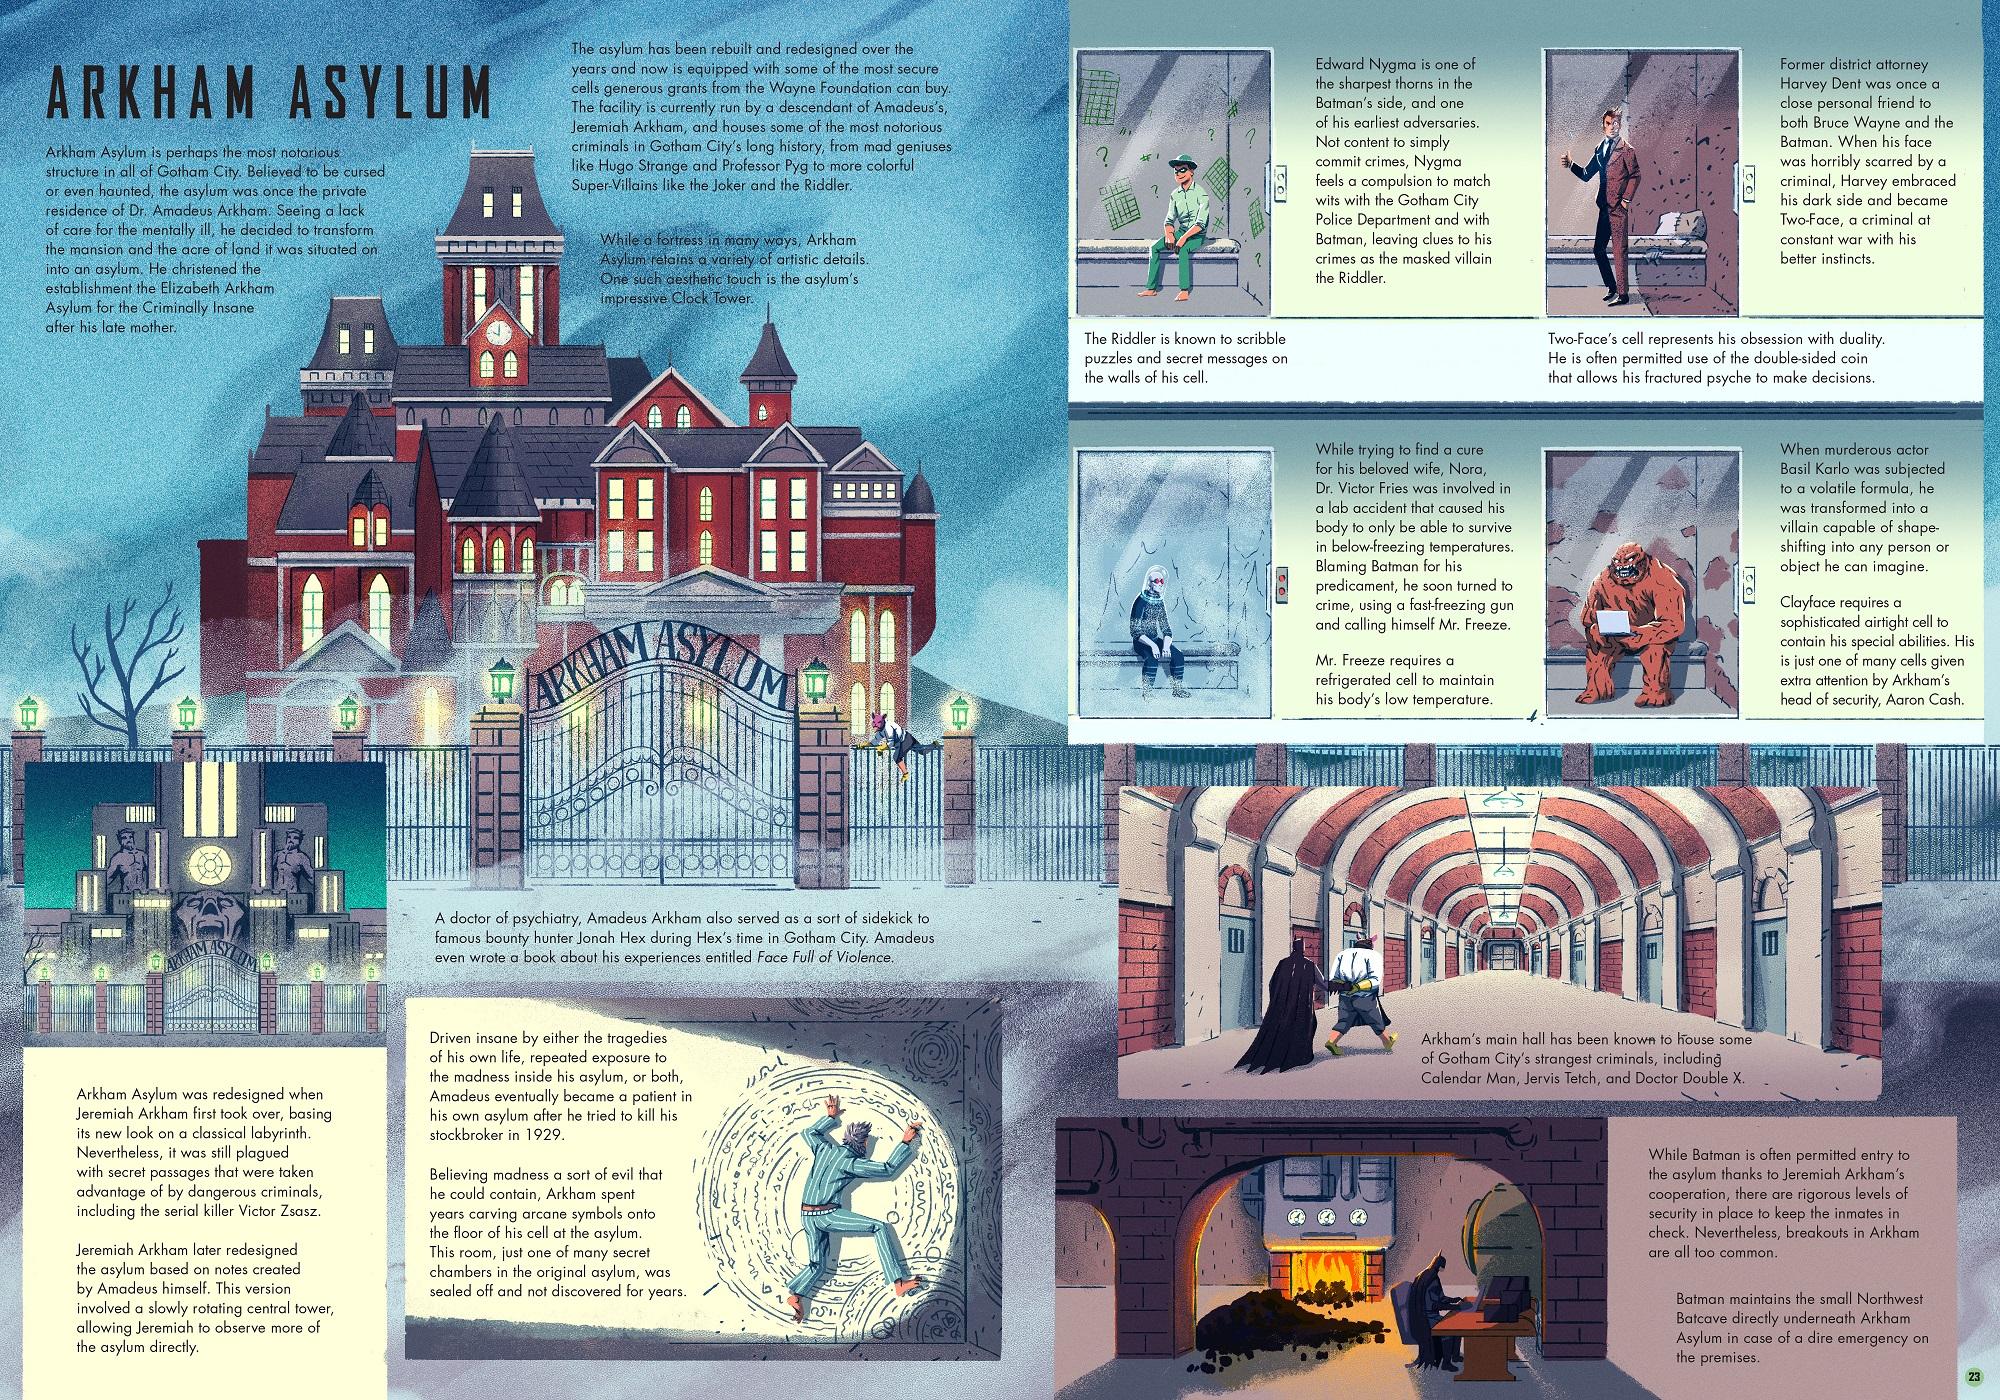 Exploring Gotham City - Arkham Asylum